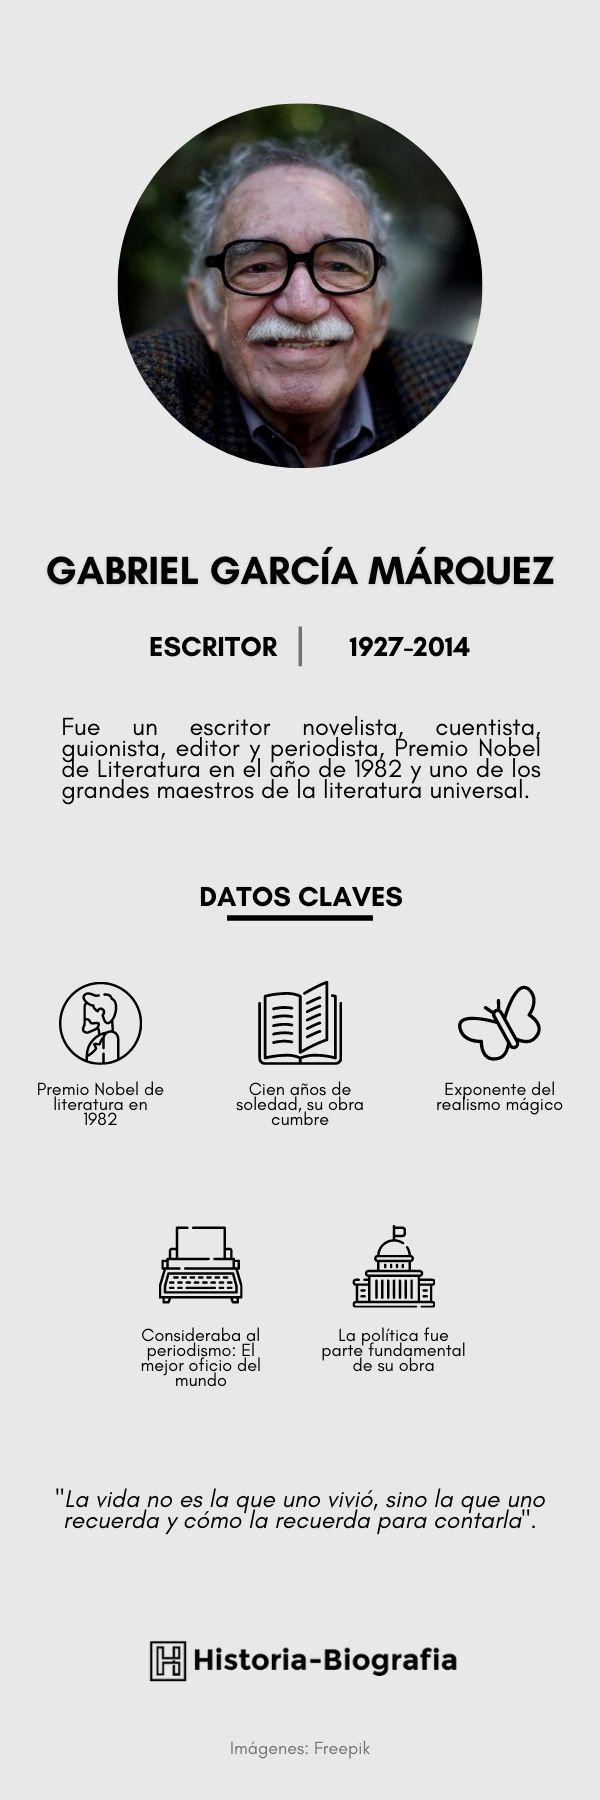 Infografía de Gabriel García Márqeuz